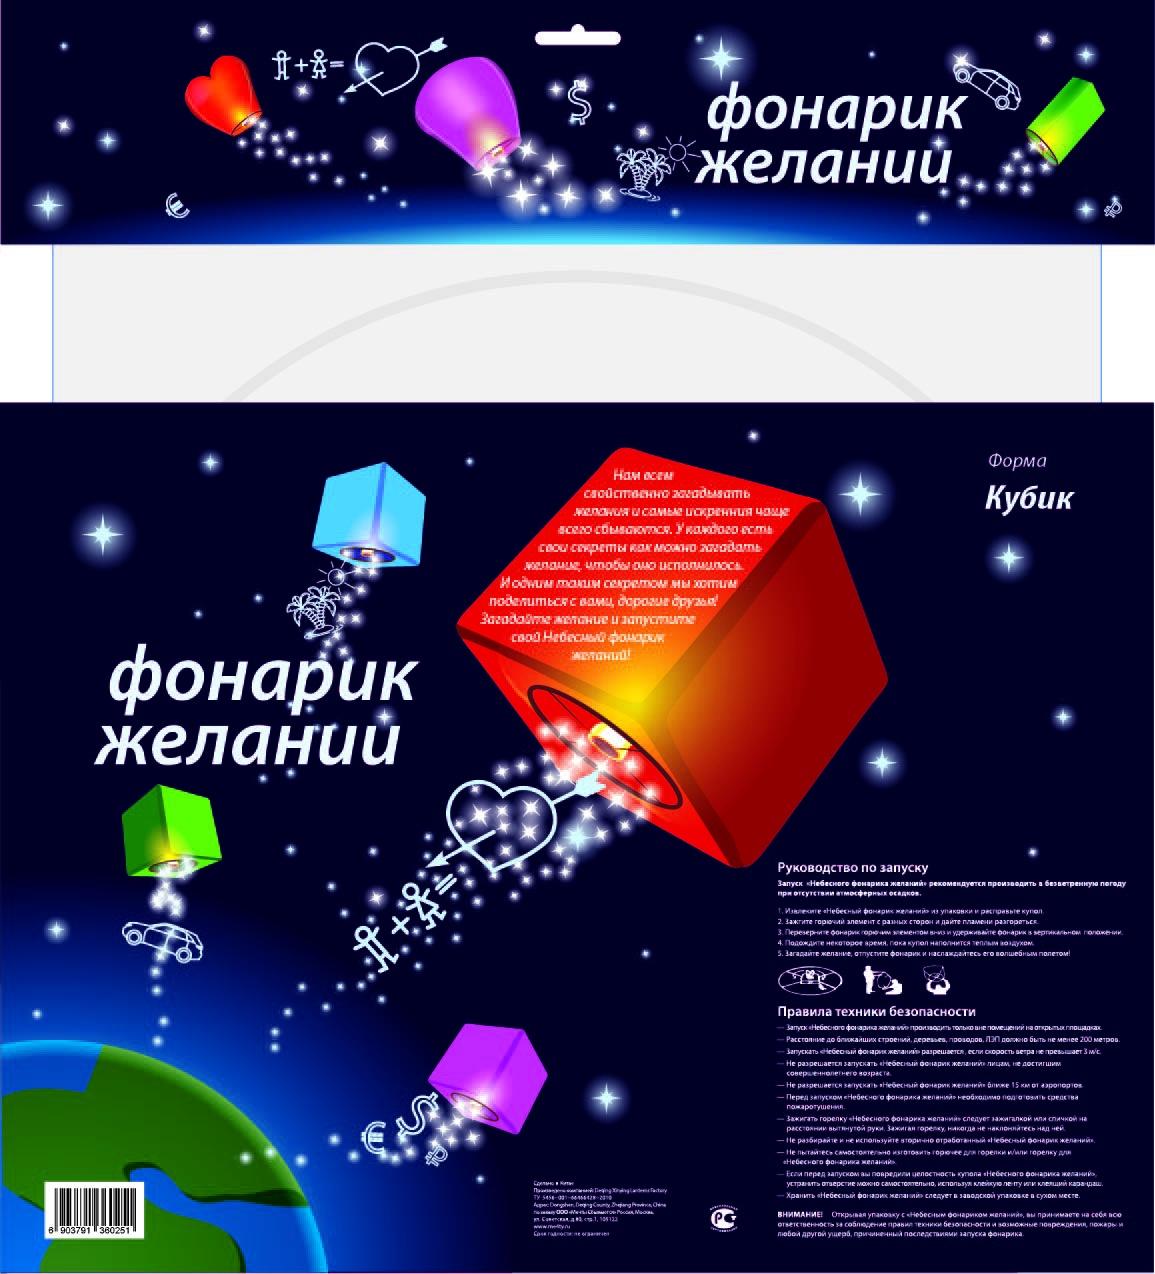 Бумажный фонарик кубик, белый небесный фонарик желаний nebofon сердце 2d pink